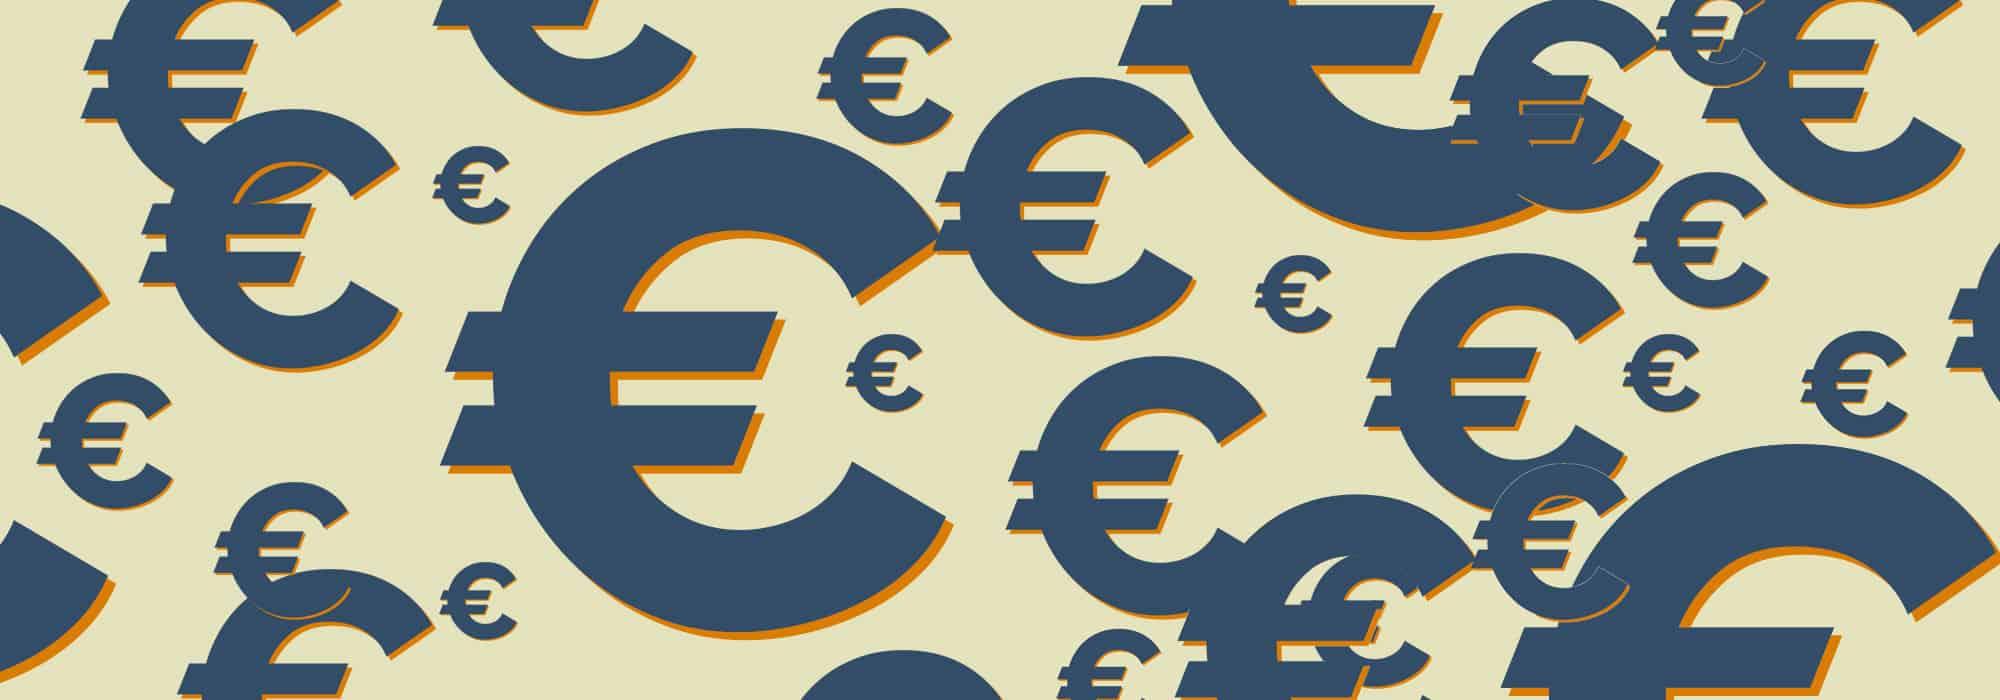 euro-geld-verdienen